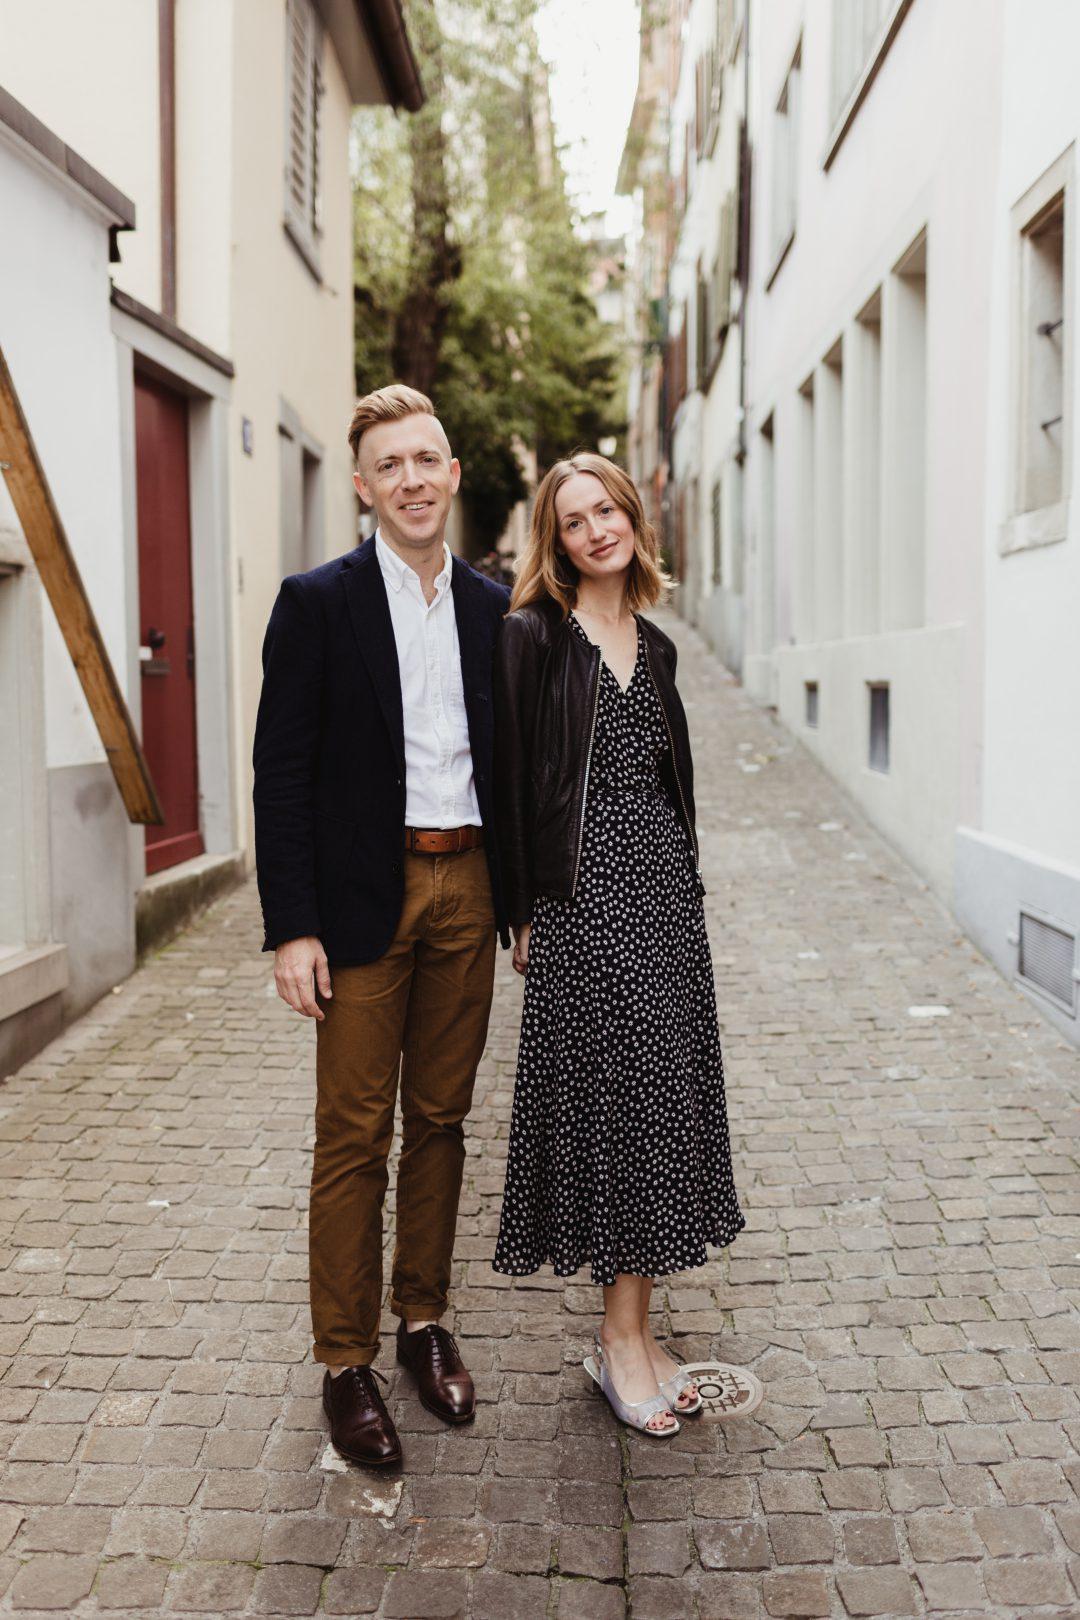 switzerland destination wedding photographer